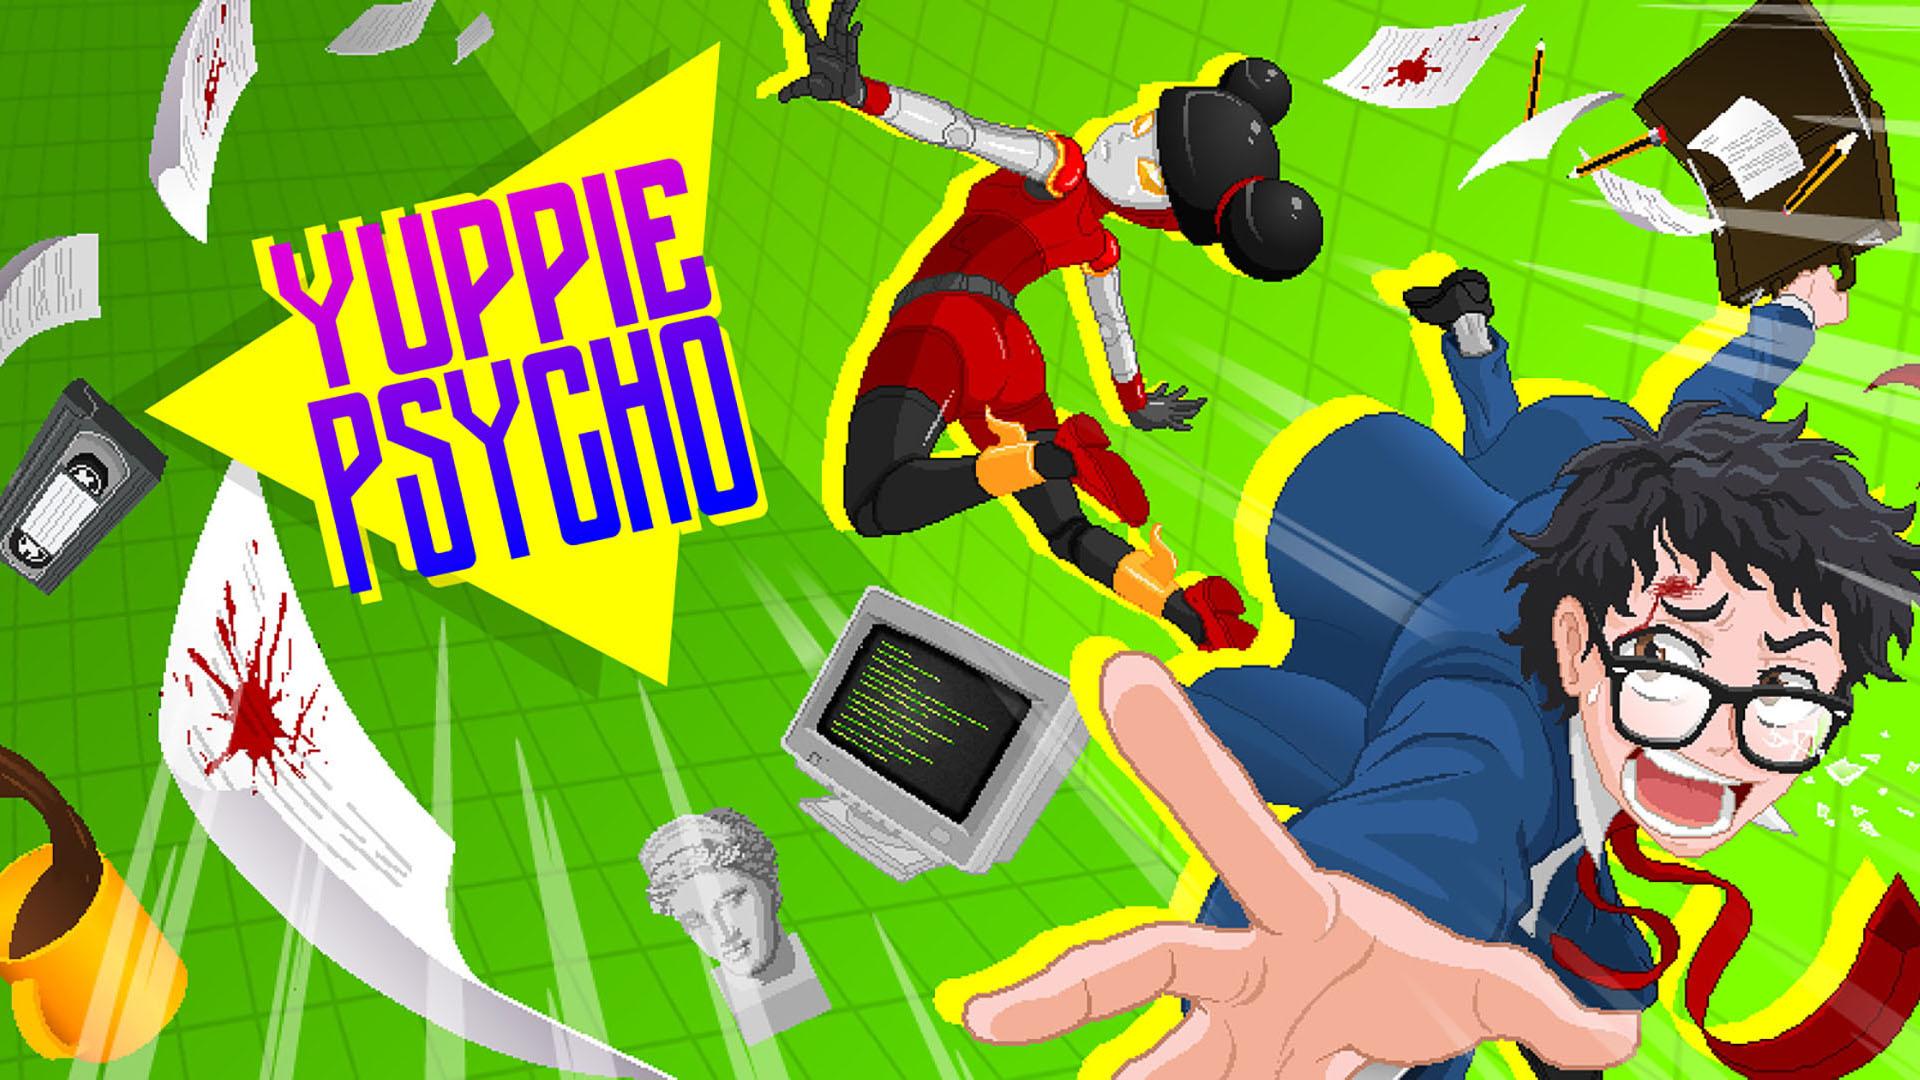 职场惊悚求生记《Yuppie Psycho》现已上架Steam